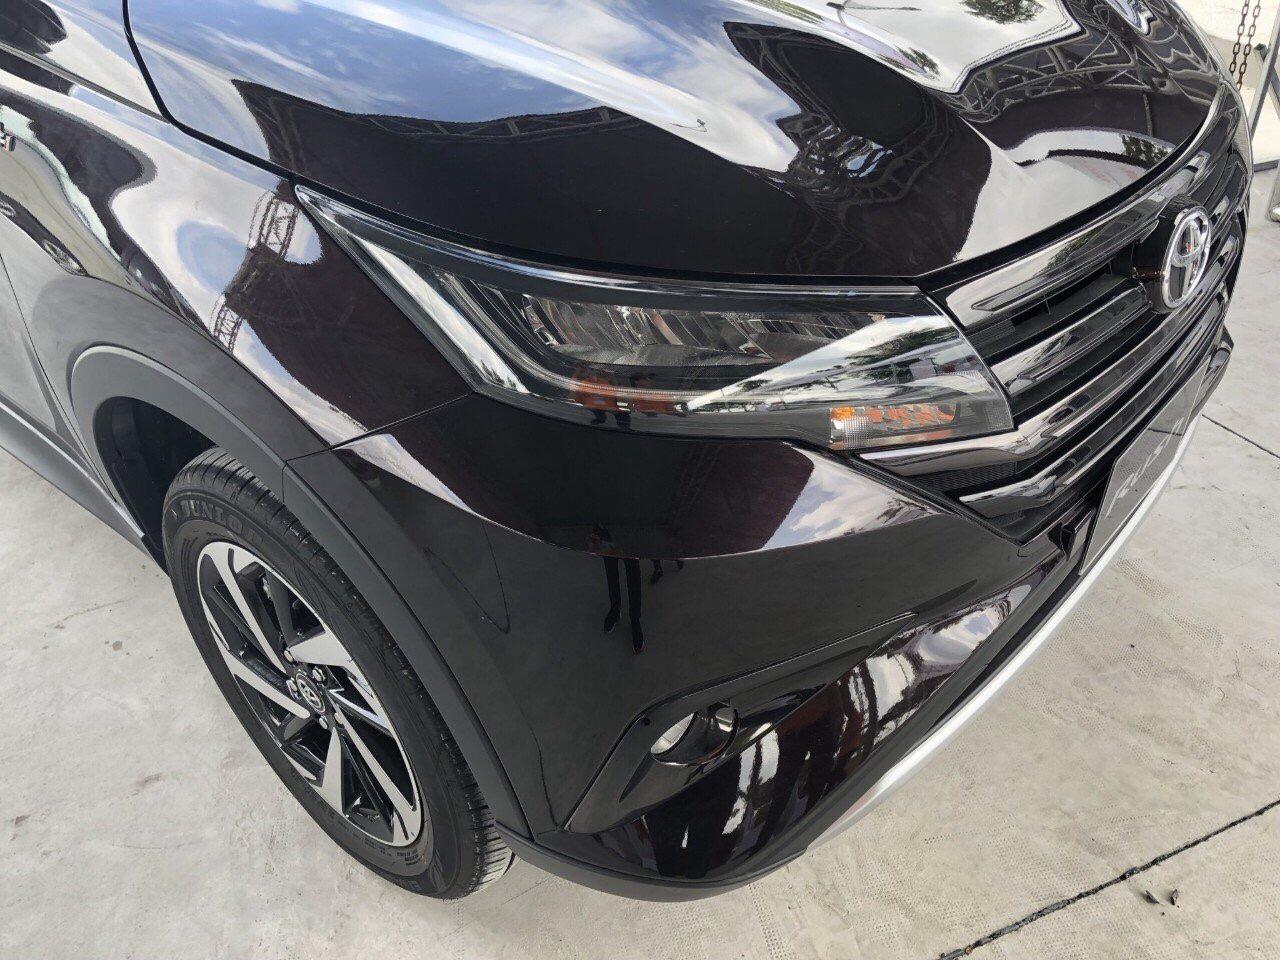 Toyota Rush màu nâu ảnh - Toyota Rush: giá xe và khuyến mãi tháng [hienthithang]